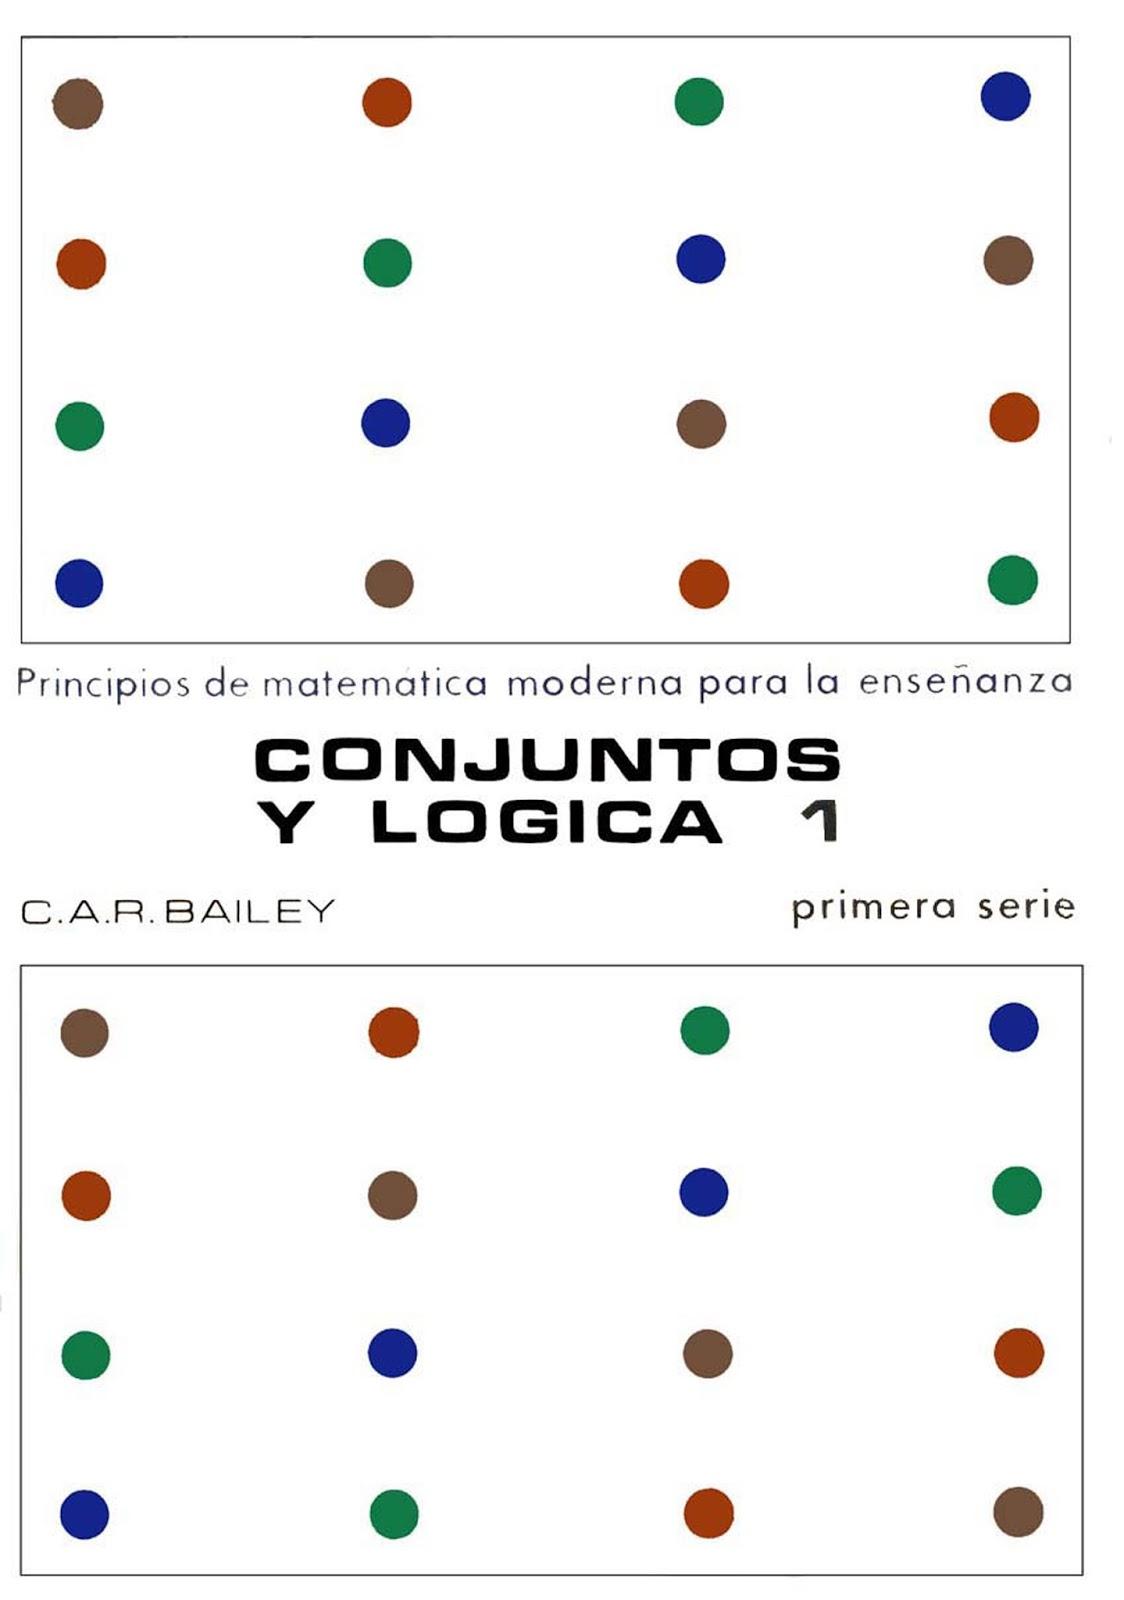 Conjuntos y Lógica 1 – C. A. R. Bailey